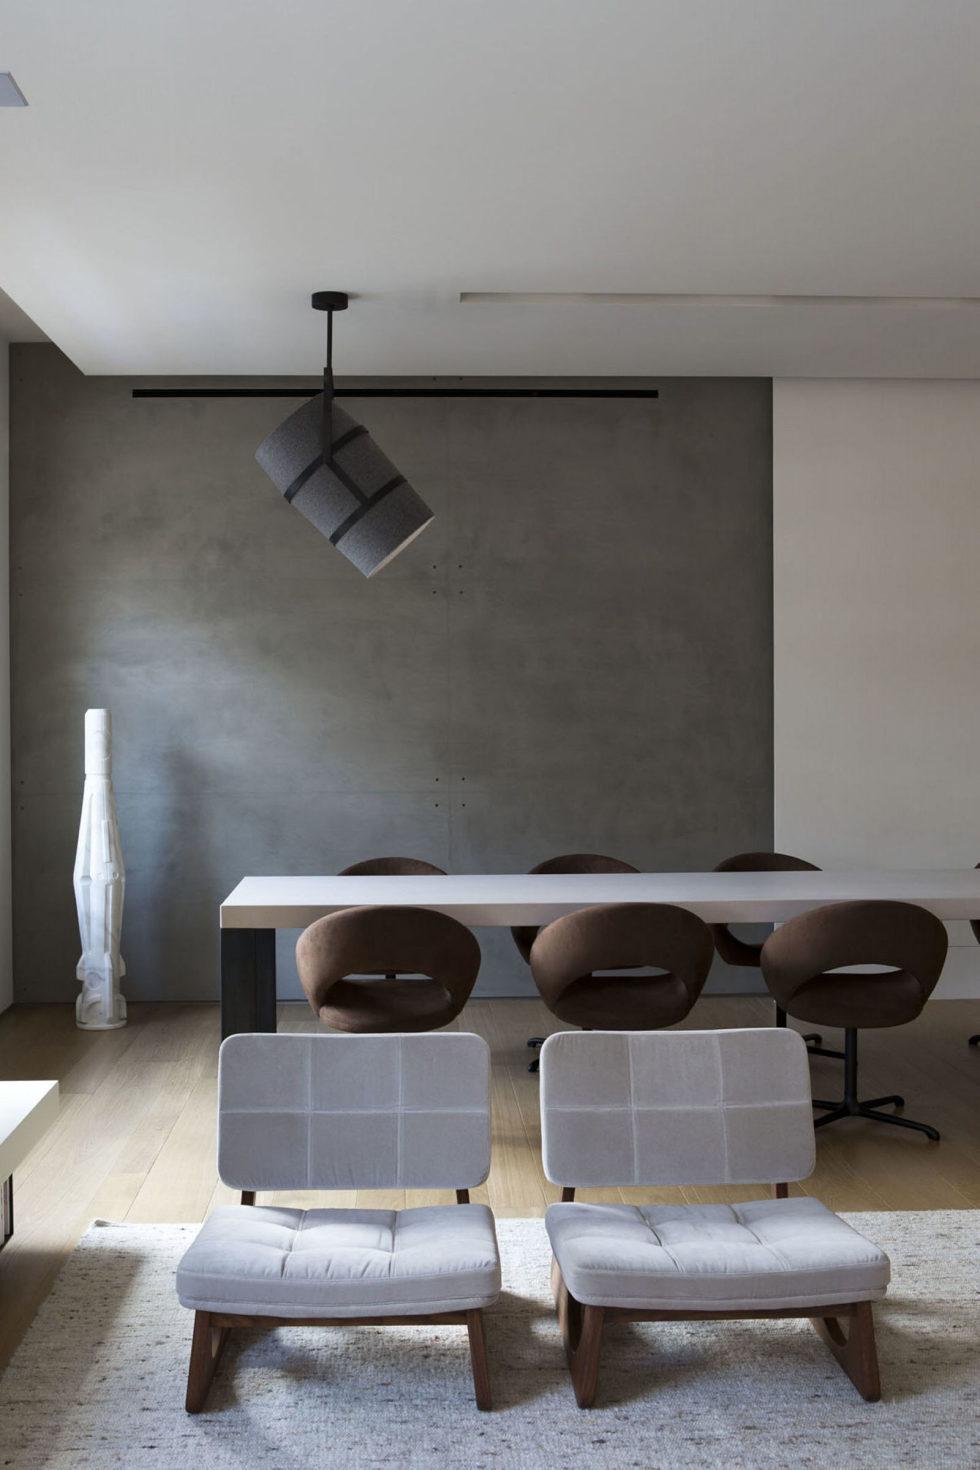 Quindiciquattro Apartments At The Center Of Turin From Fabio Fantolino 6